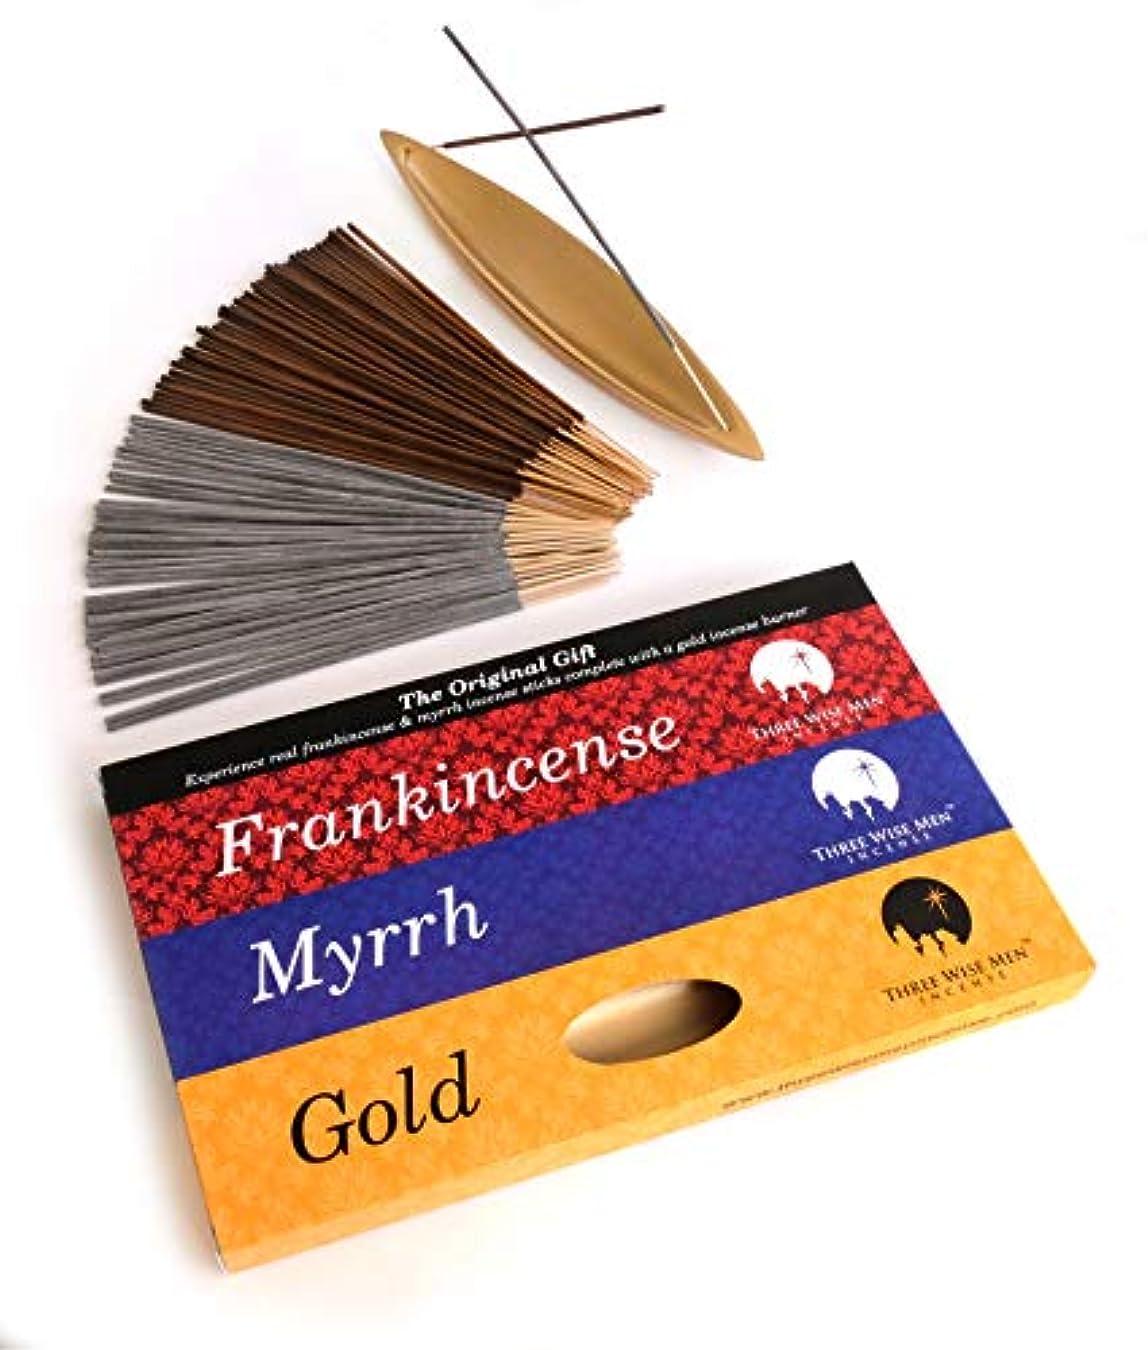 厳密に保持本を読むThree Wise メンズ お香 フランキンセンス ミルラ & ゴールド - オリジナルギフト